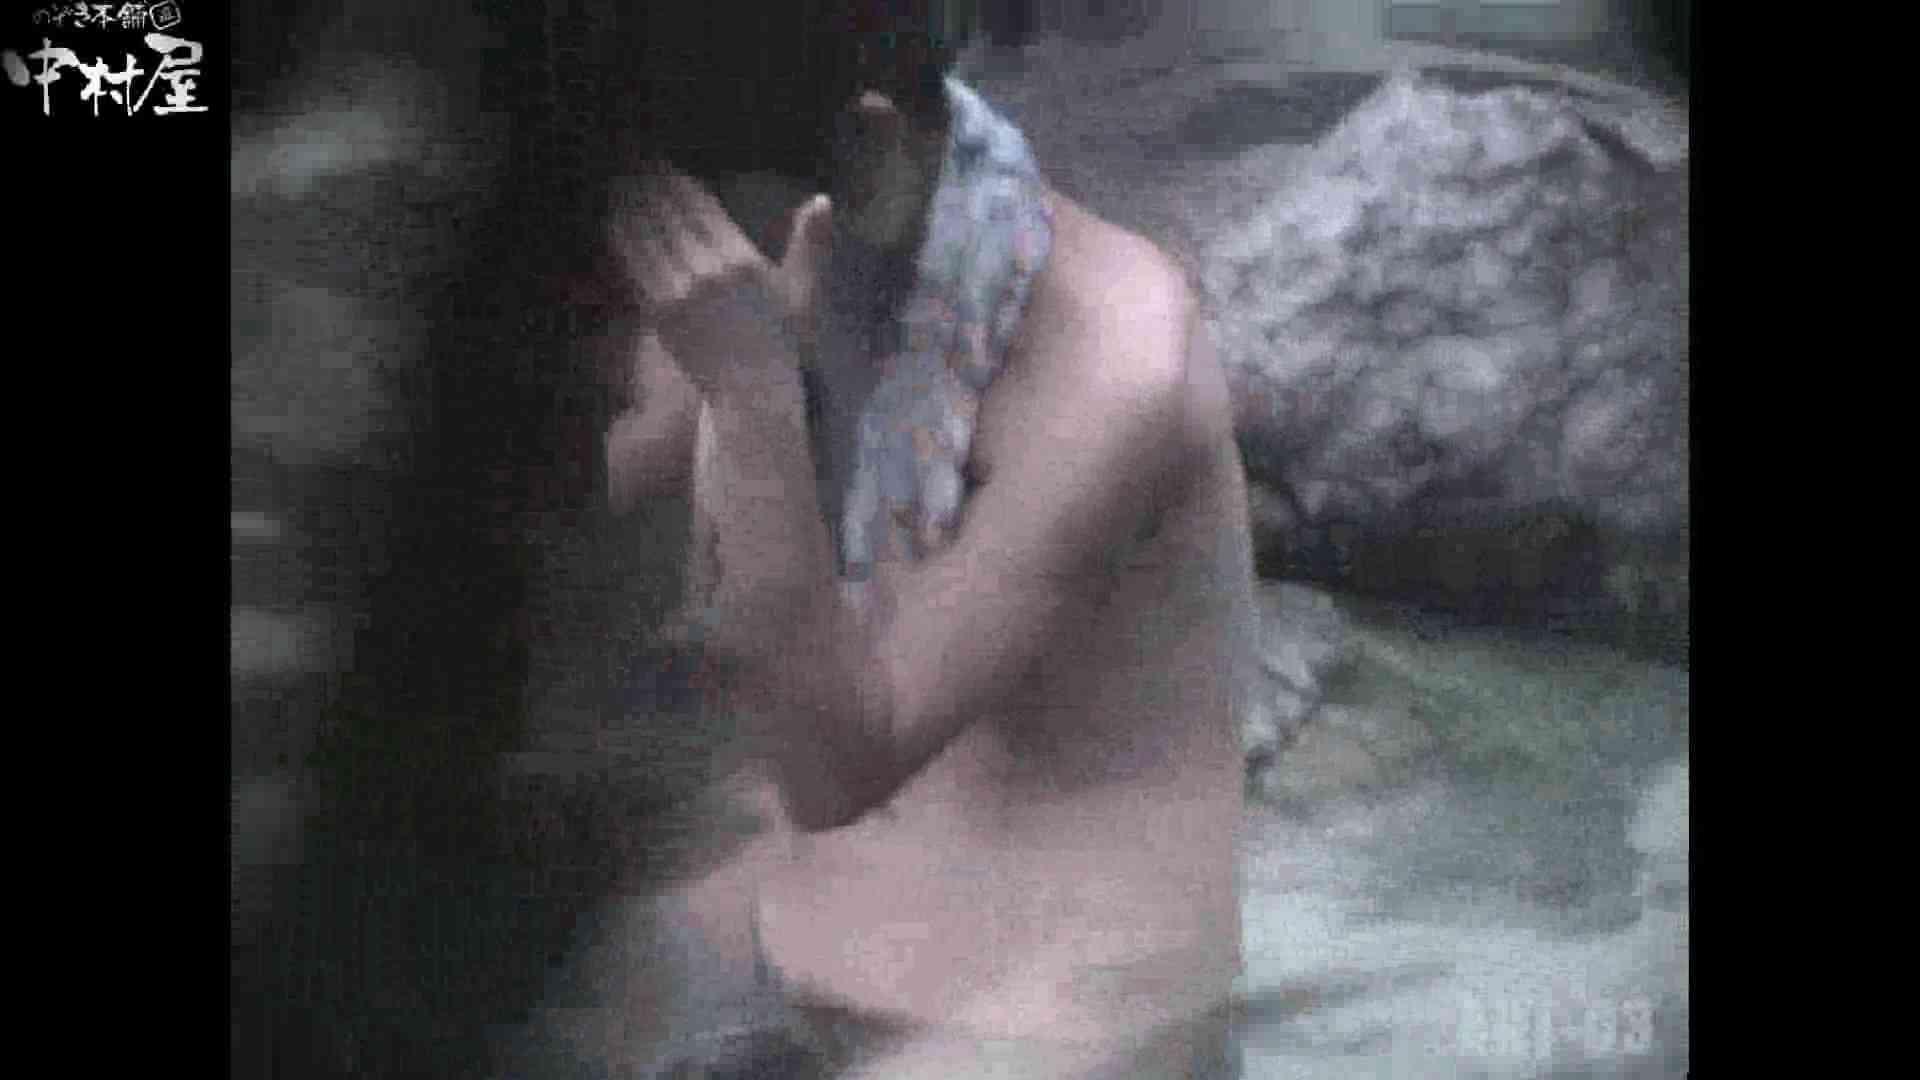 Aquaな露天風呂Vol.867潜入盗撮露天風呂参判湯 其の八 OLセックス | 露天  56画像 41